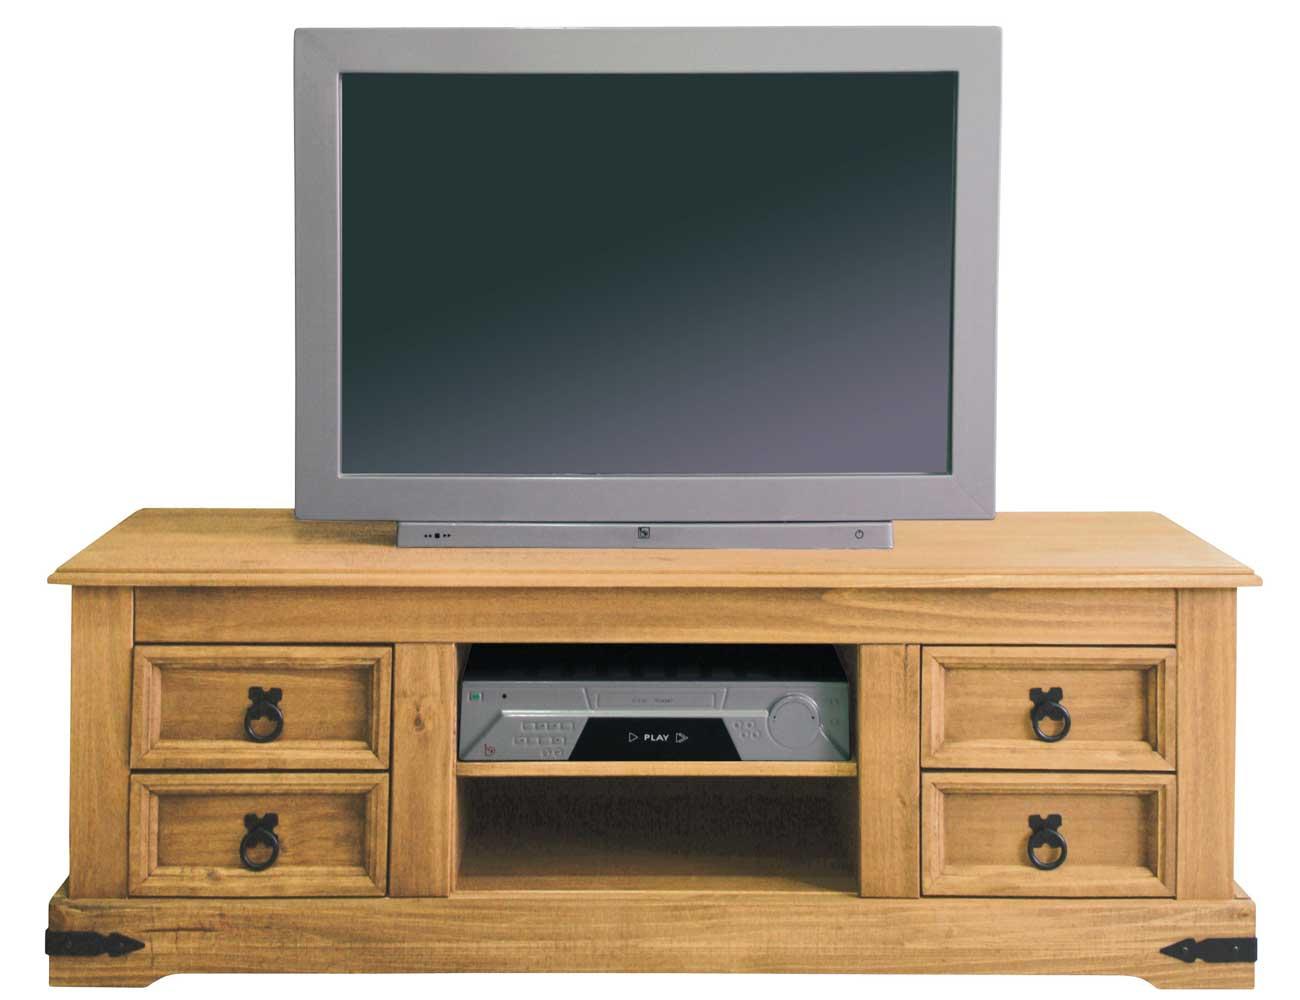 Mueble tv madera rustico nogal claro 4 cajones2